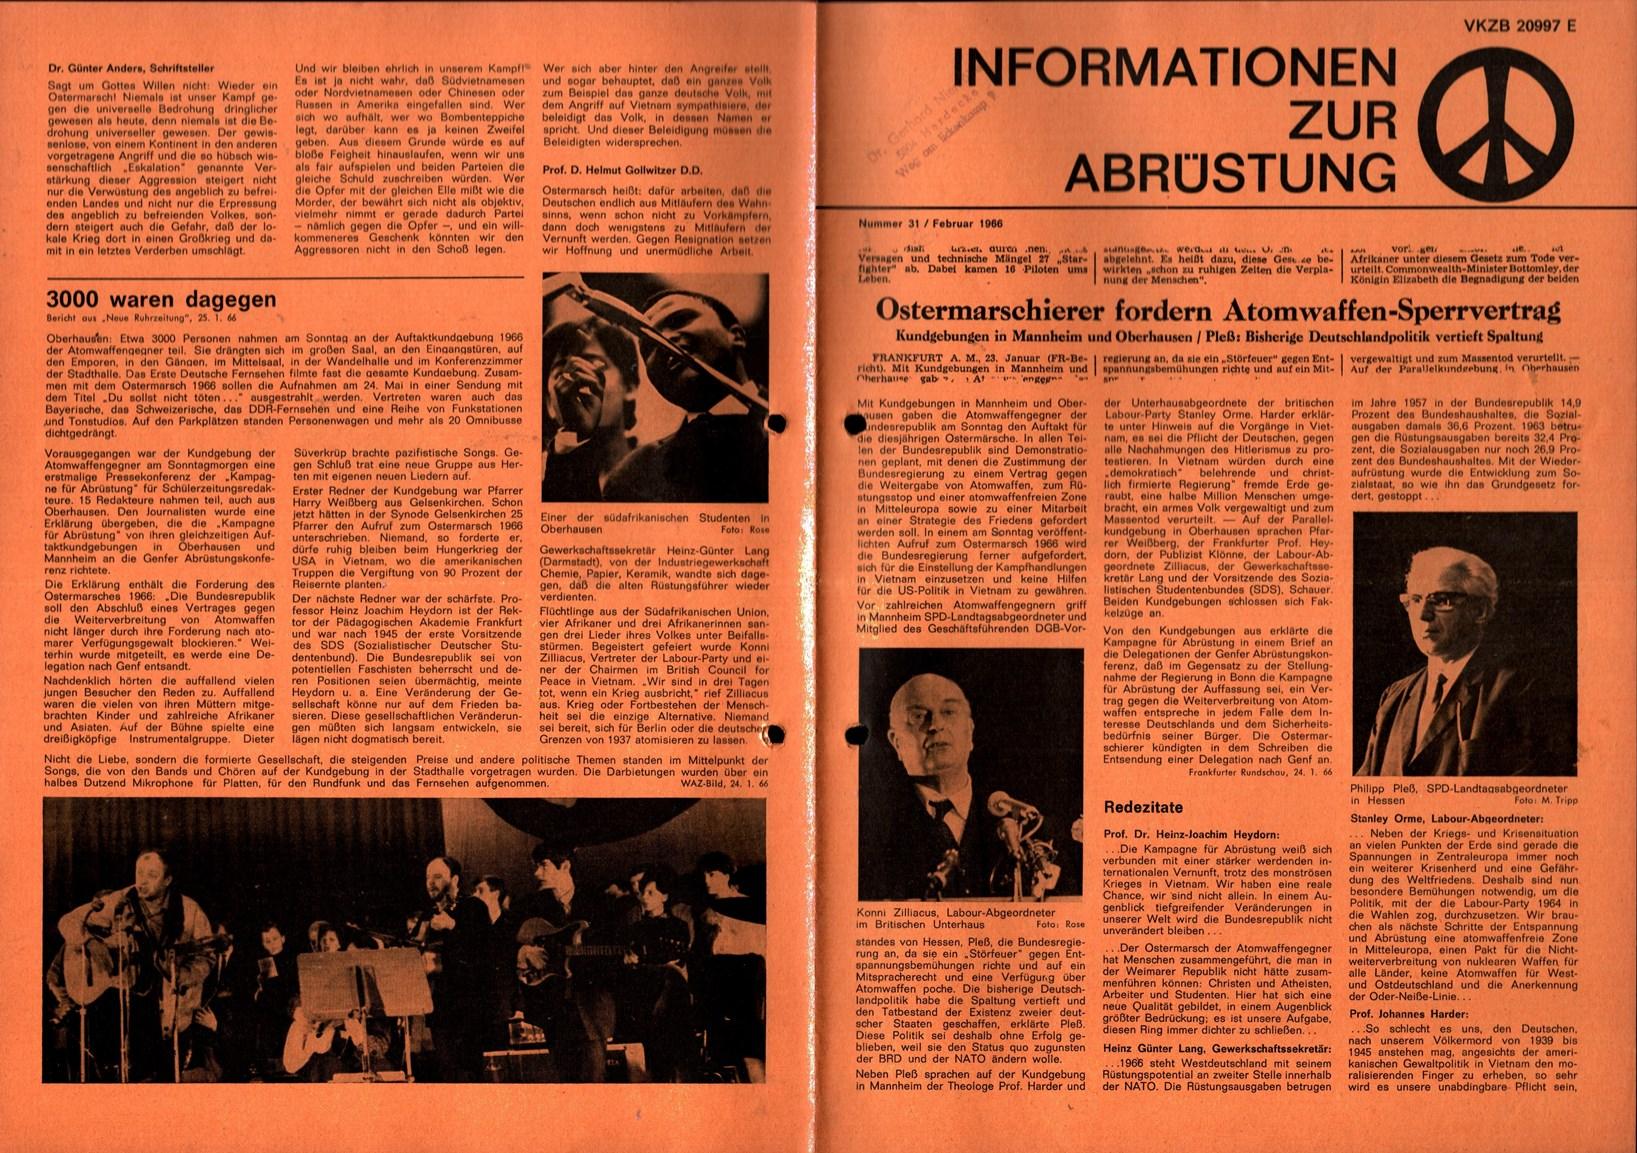 Infos_zur_Abruestung_1966_031_001